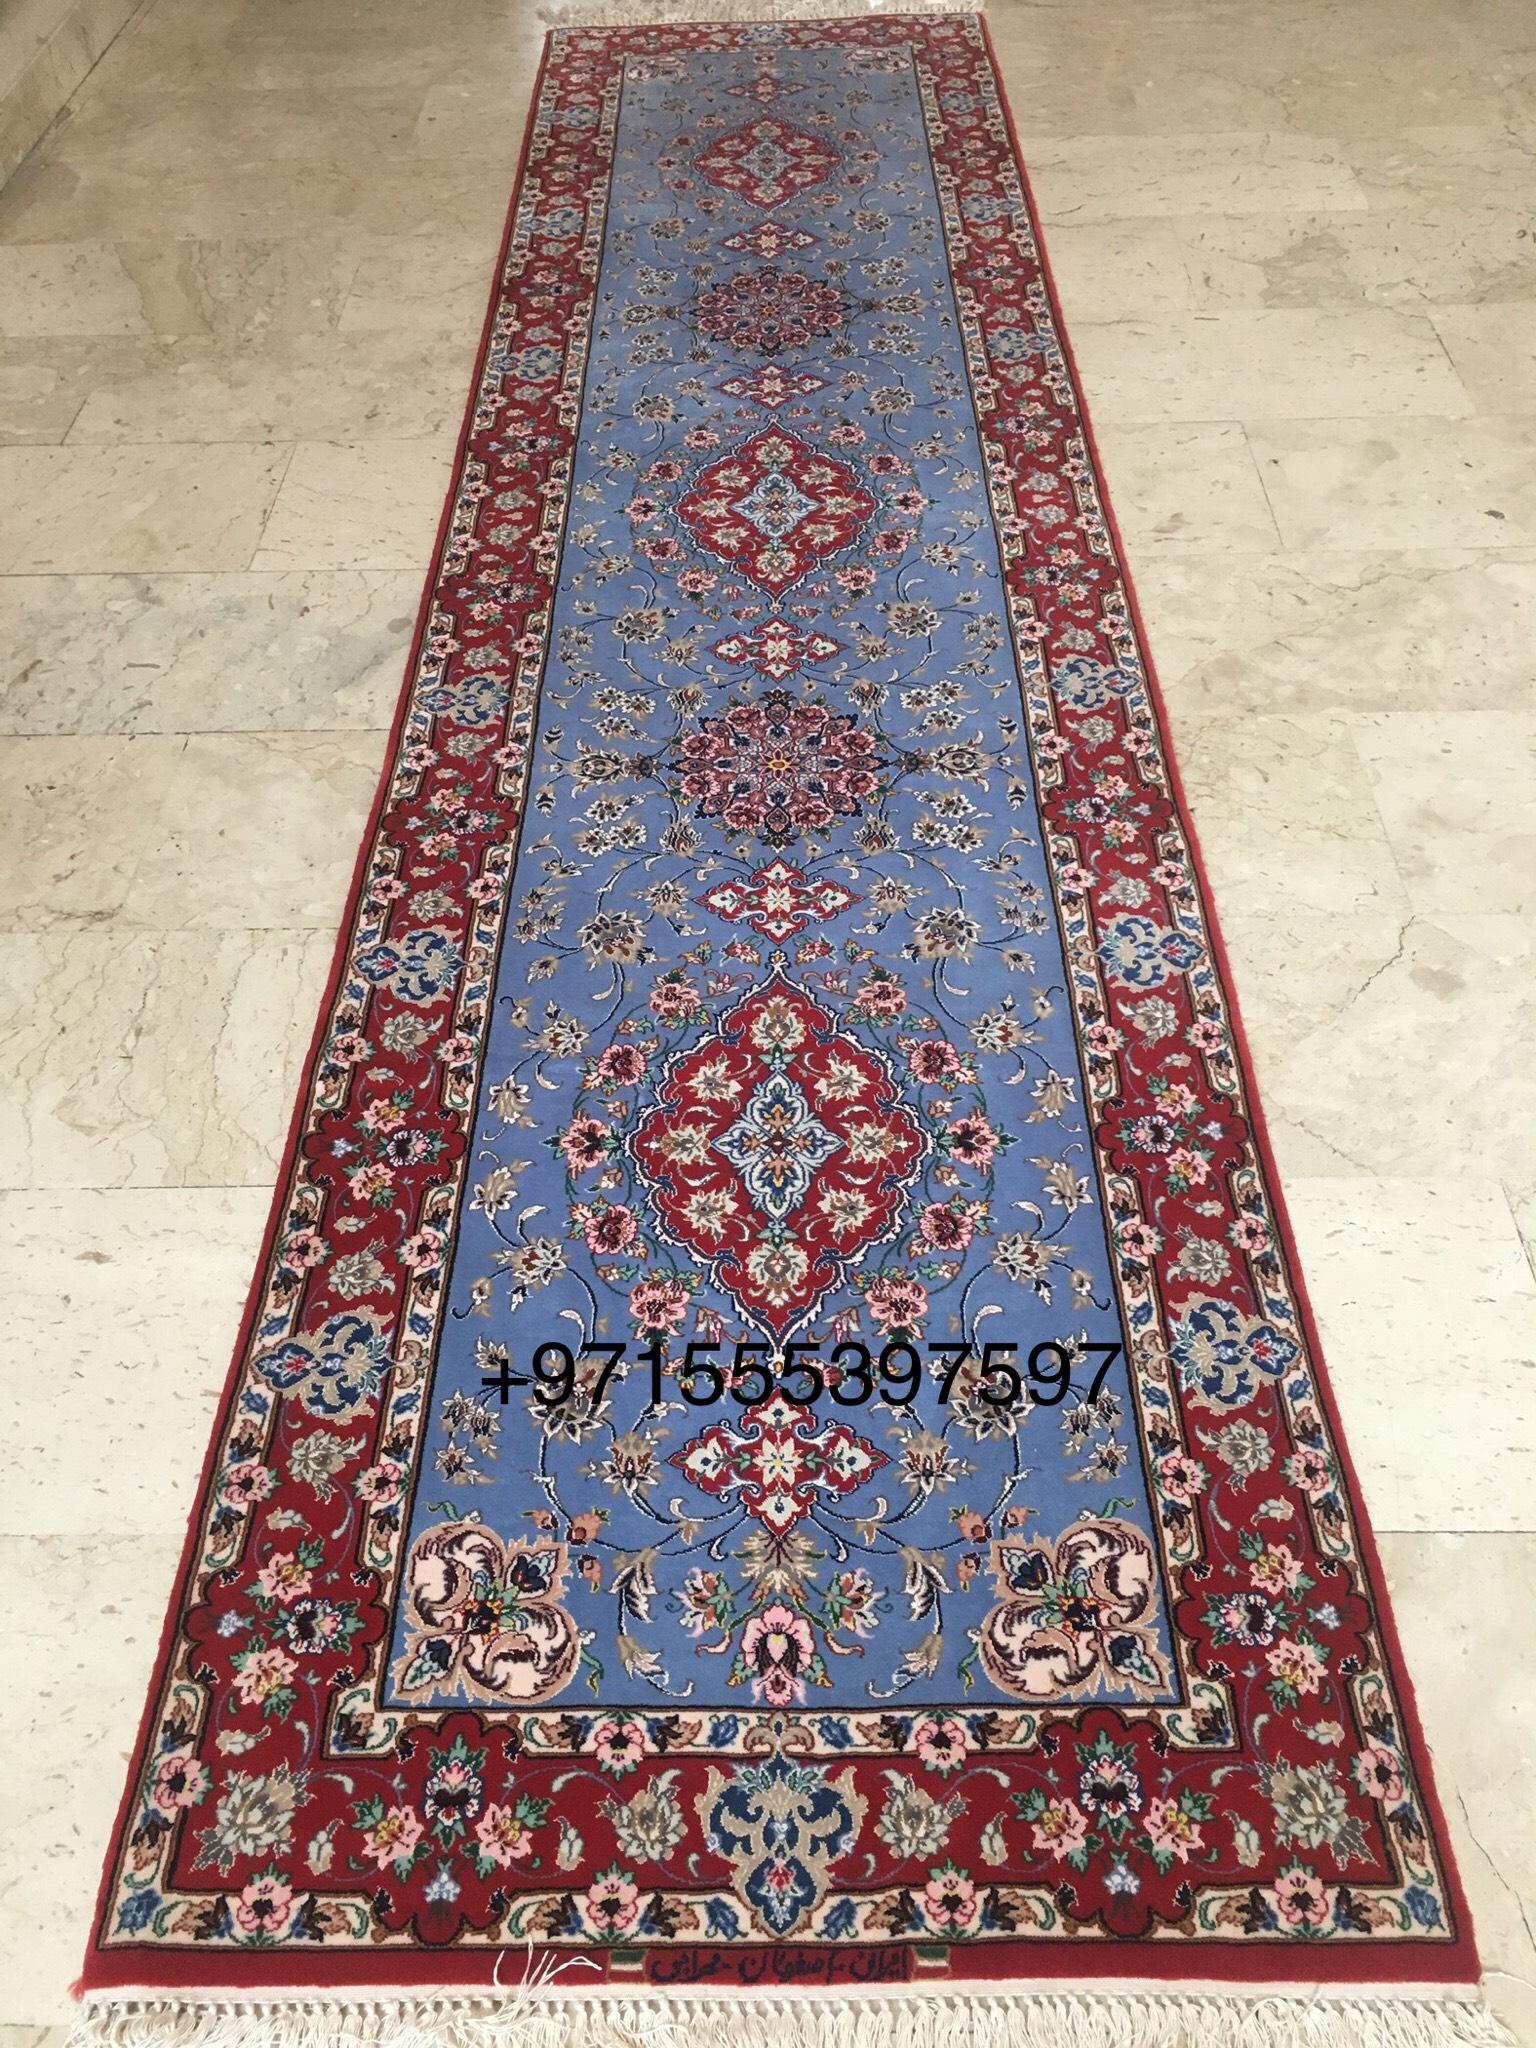 Isfahan Runner Handmade Carpet